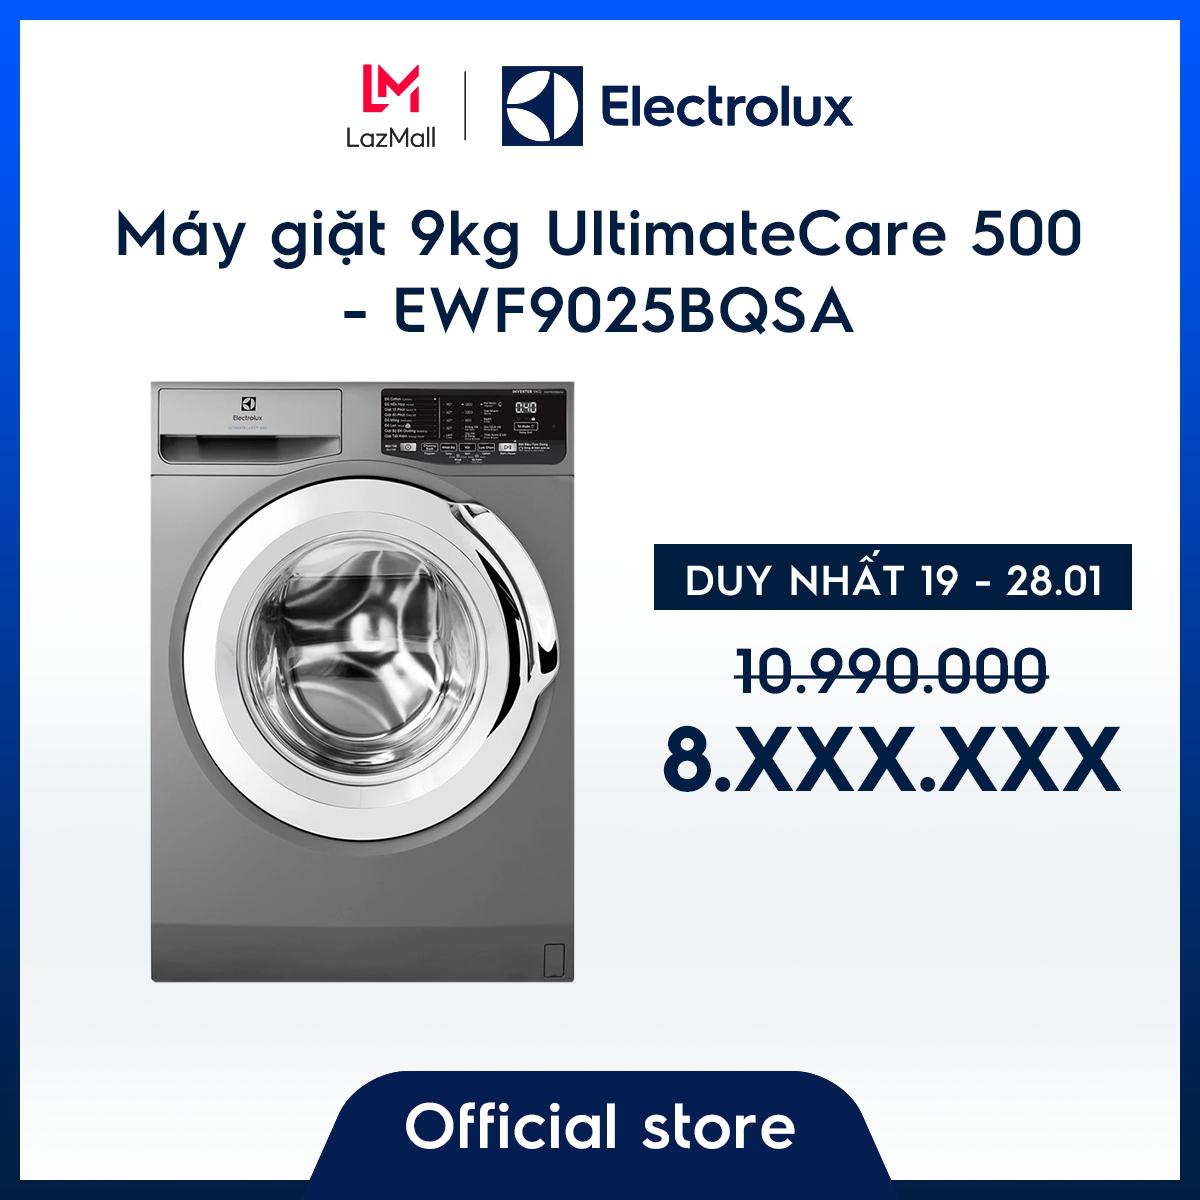 [Miễn phí giao hàng HCM & HN – Miễn phí công lắp đặt chính hãng] Máy giặt 9kg Electrolux EWF9025BQSA -Màu bạc- Diệt khuẩn- Tiết kiệm năng lượng-Chính hãng